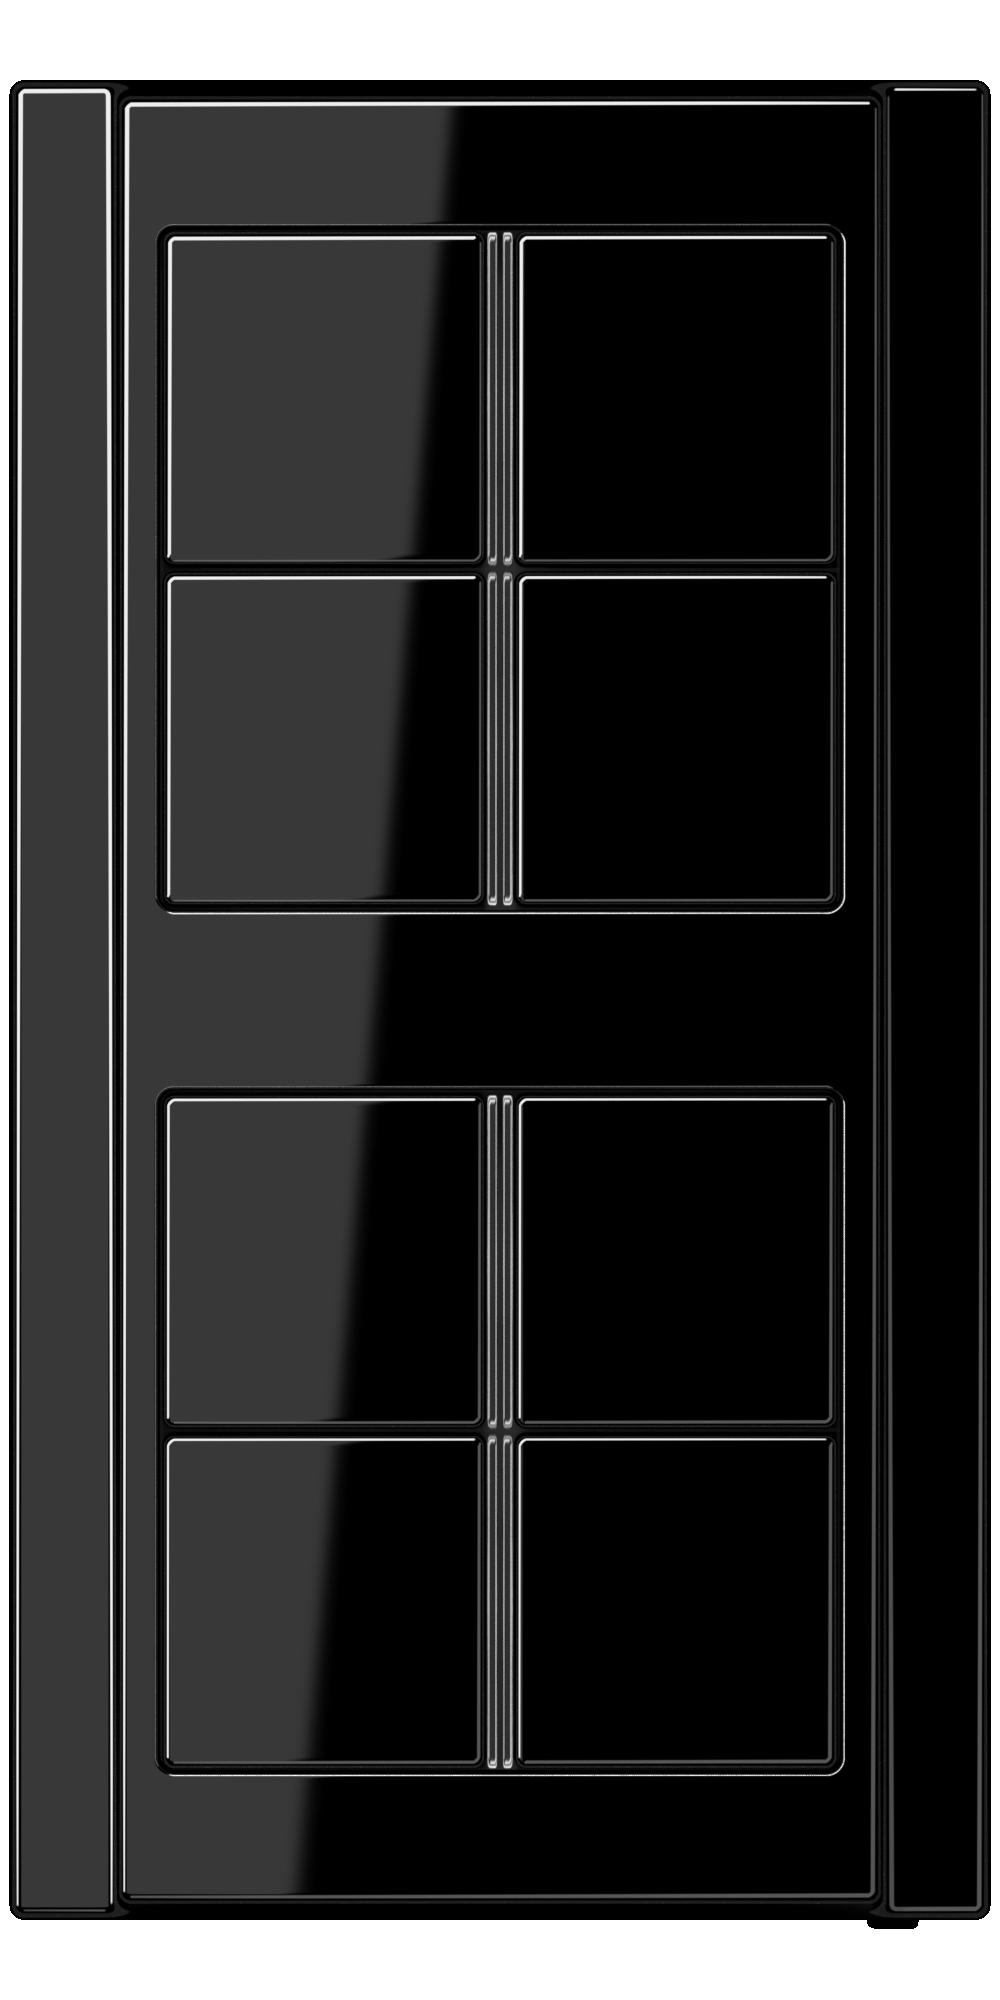 JUNG_A500_black_8button